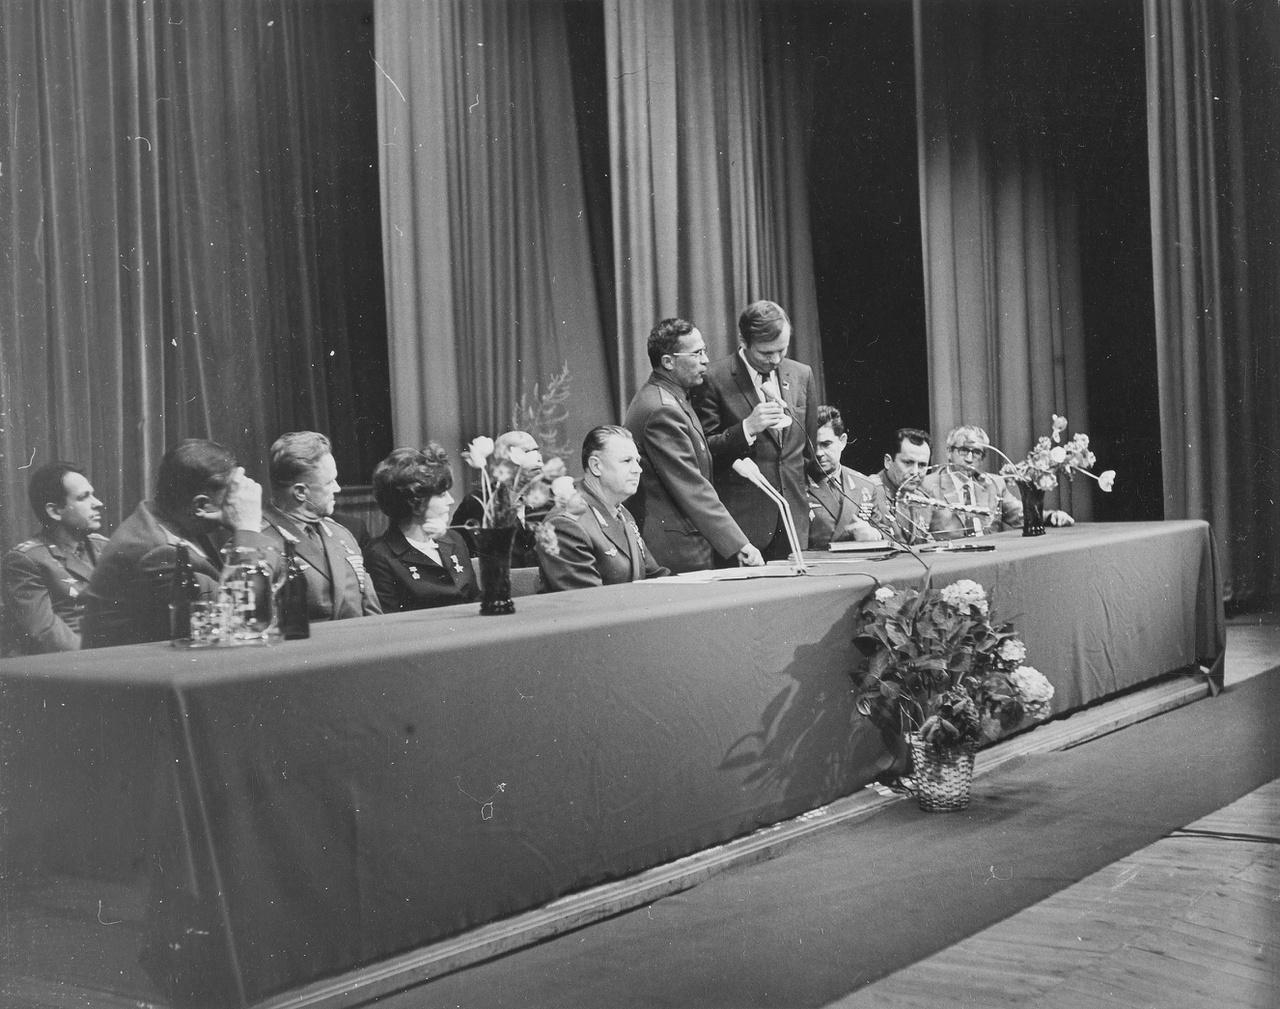 A COSPAR, azaz az Űrkutatási Tanács az űrkutatásban résztvevő országok nemzetközi tudományos uniójaként jött létre 1958-ban, azzal a céllal hogy interdiszciplináris bizottságként támogassa az űrkutatási tevékenységet, többek között kétévente rendezett nemzetközi tudományos kongresszusokkal, mint amilyenen Armstrong is részt vett 1970-ben.